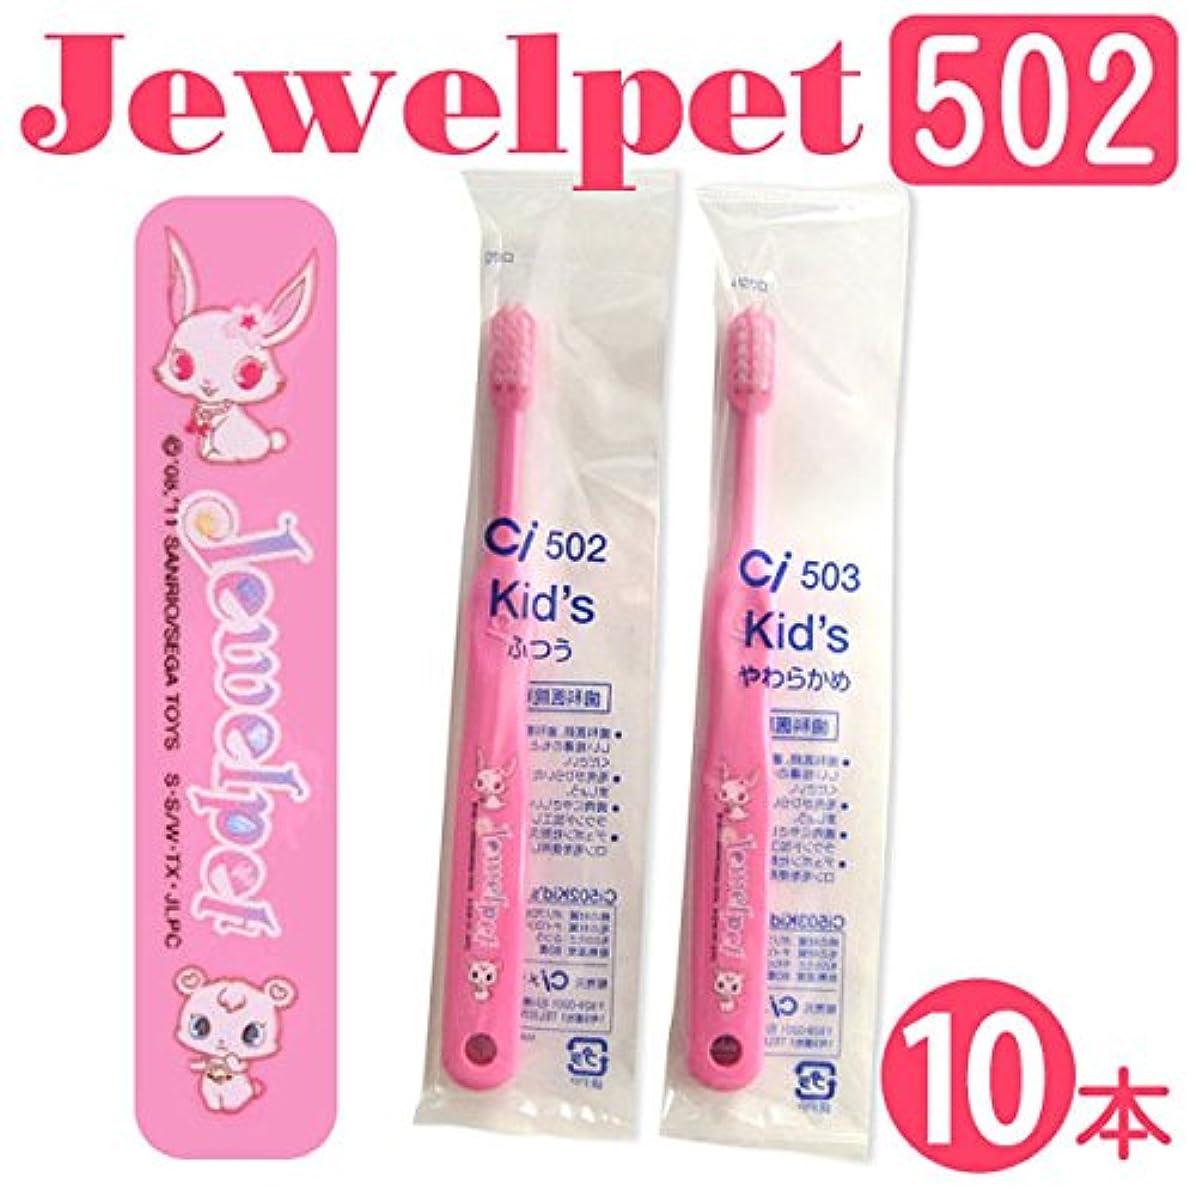 消費する提供された潜在的な歯科医院専売品 Ci サンリオ 502(ふつう) ジュエルペットフリル 子供(こども) 10本セット (ジュエルペット(ピンク))